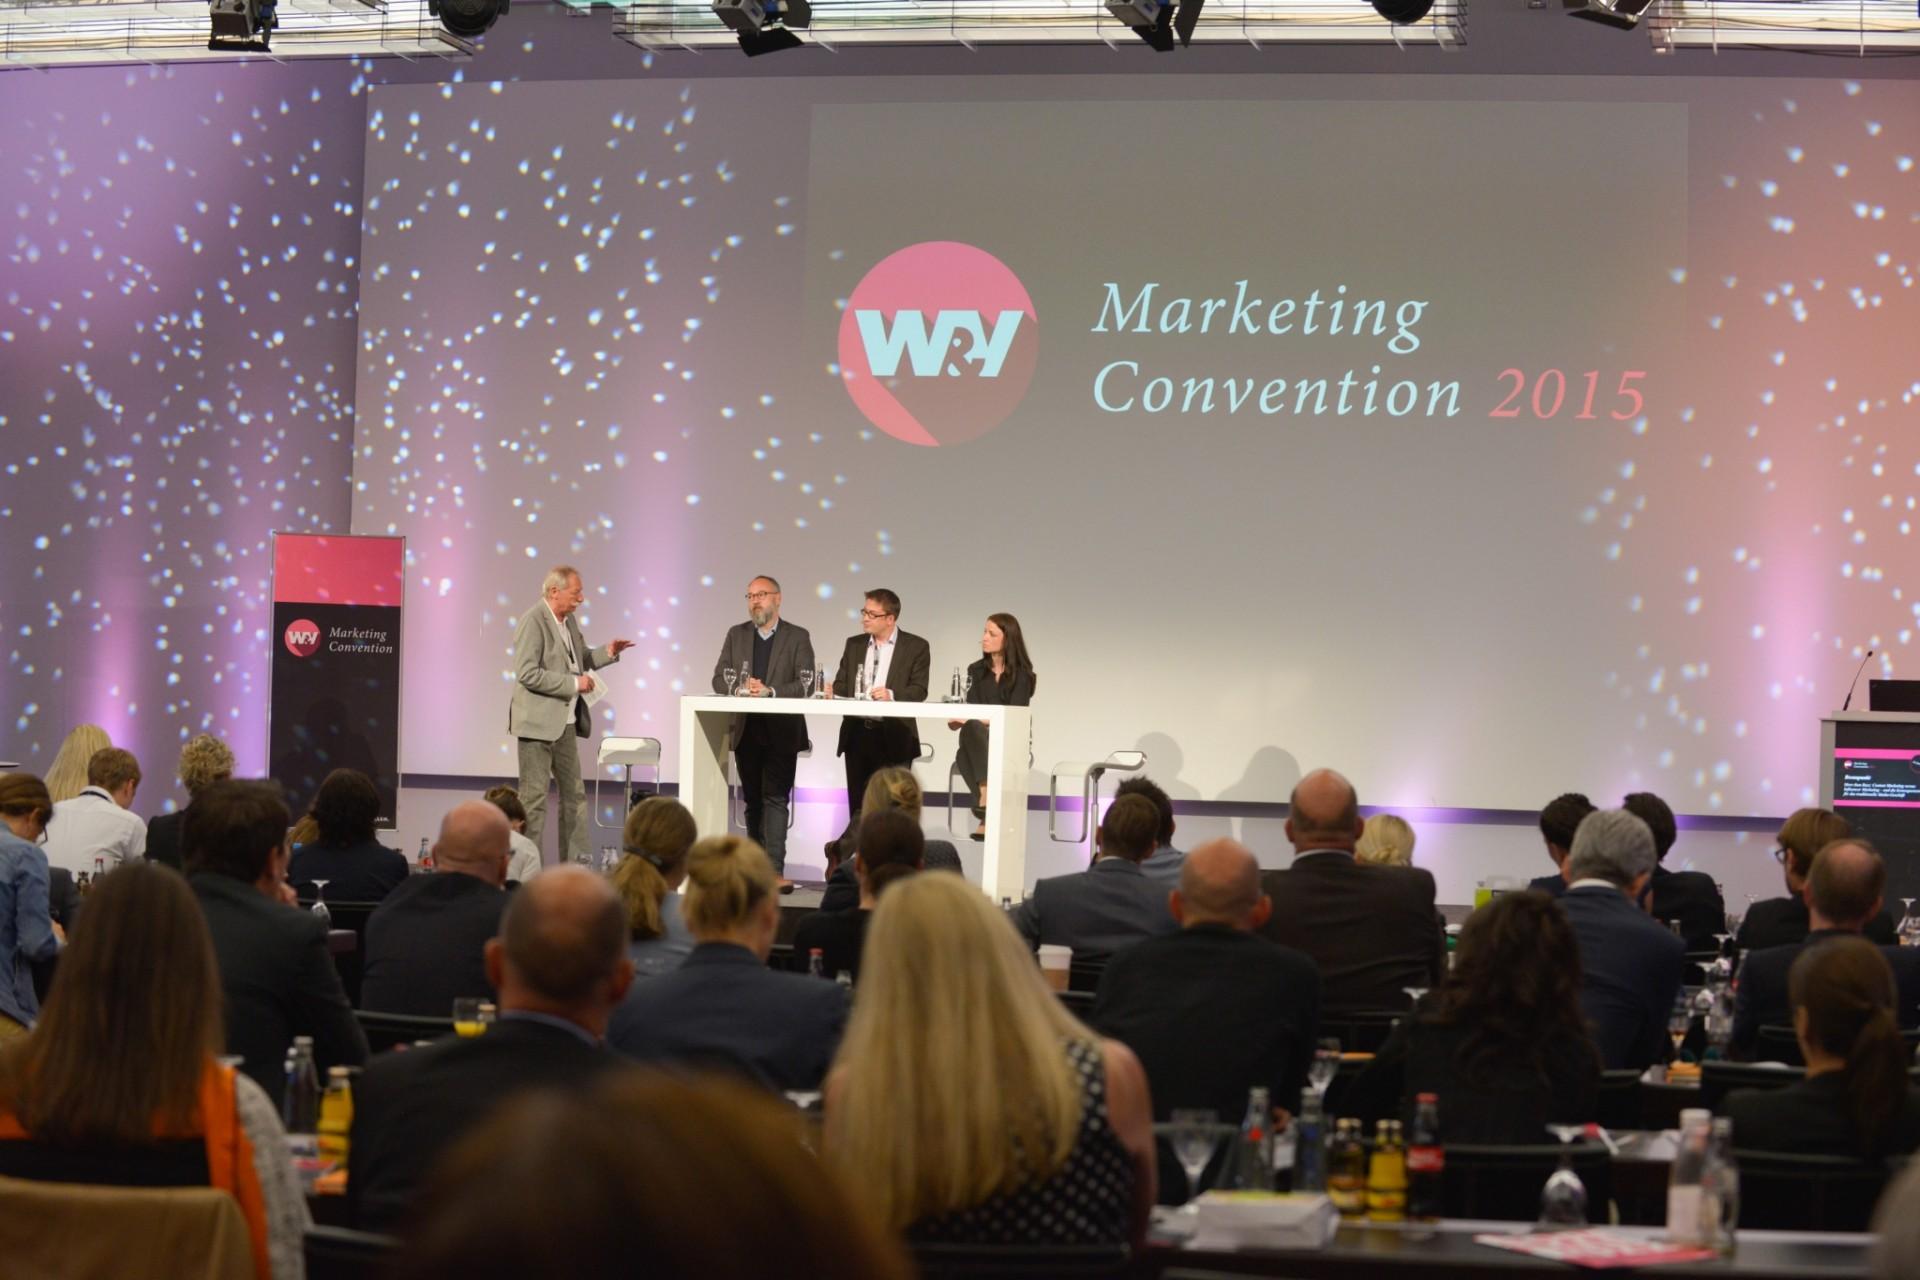 Marketing-Convention-2015-Vortrag-auf-Bühne-vor-vollem-Foyer-mit-unserem-Aufsteller-Roll-Up-Easymag-und-Aufkleber-Easysticker